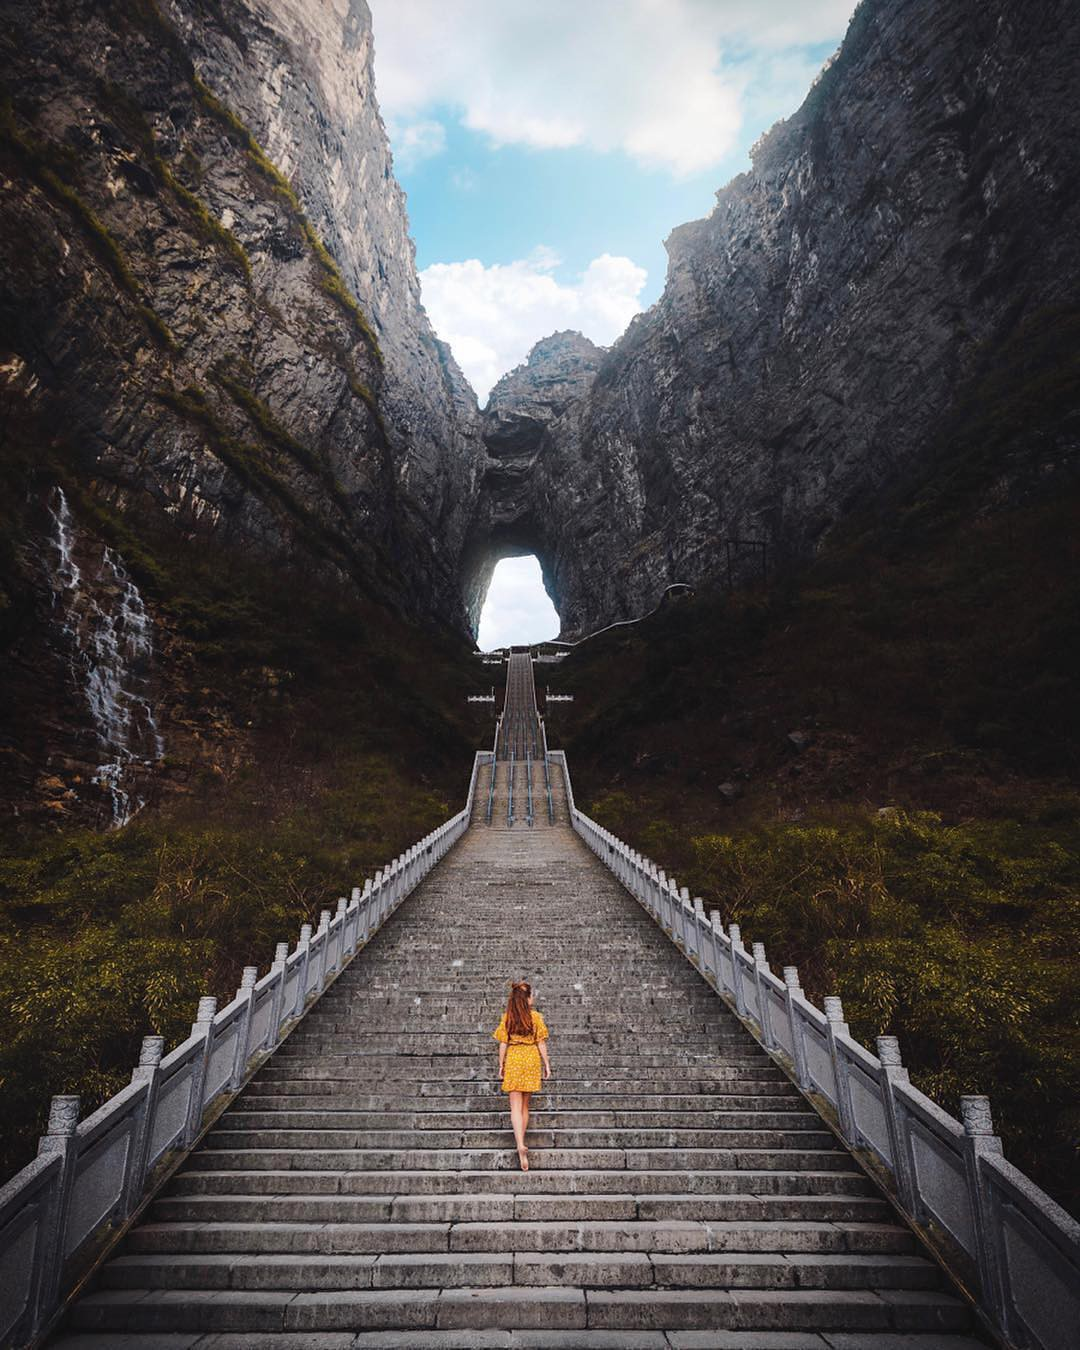 Thiên Môn Sơn - Đường lên cổng trời ở Trung Quốc khiến hội yếu tim phải khóc thét với 99 khúc cua dựng đứng - Ảnh 1.